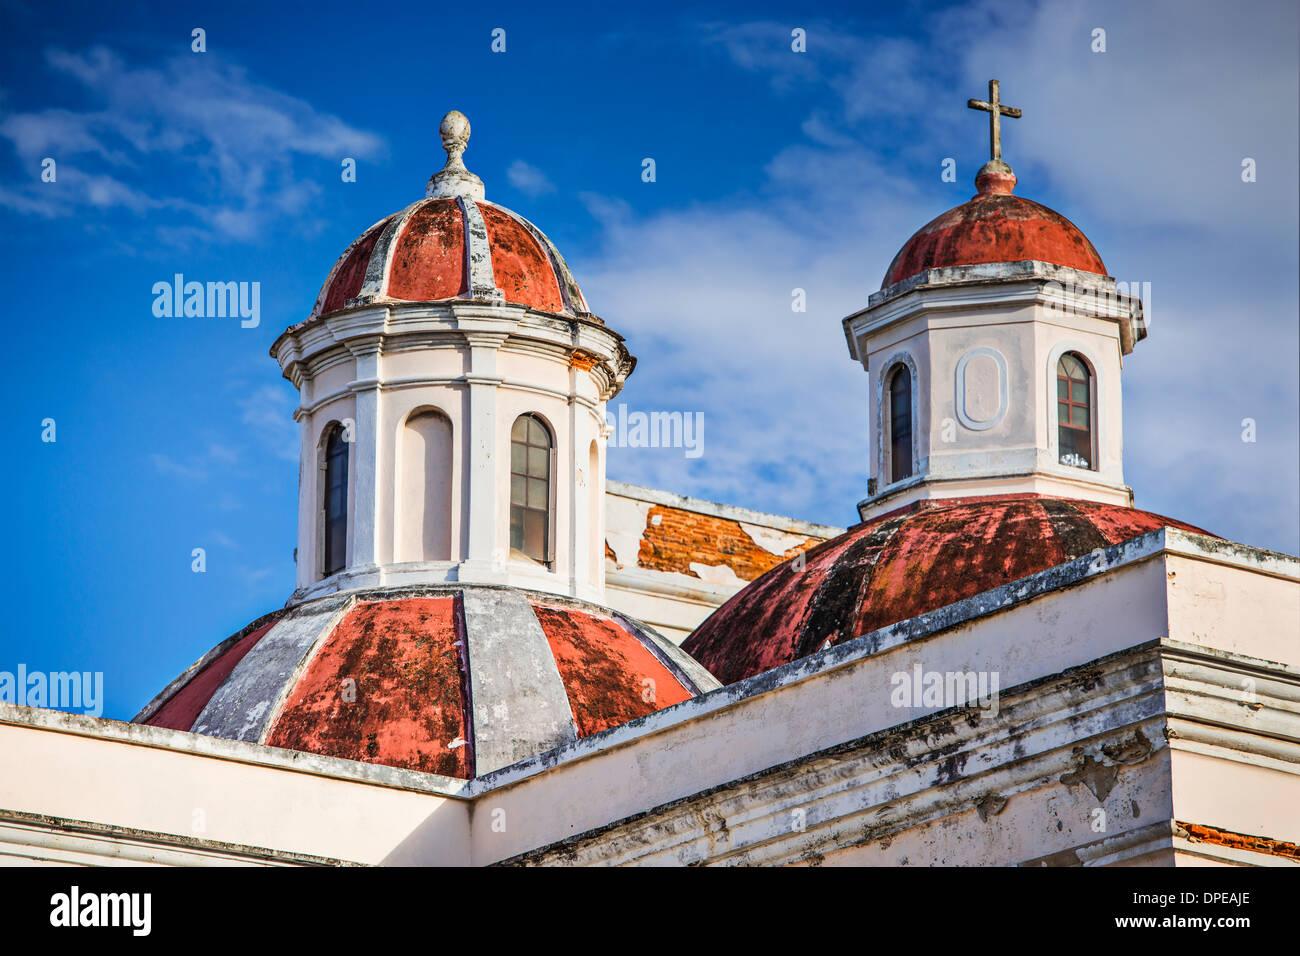 Catedral de San Juan Bautista en San Juan, Puerto Rico. Imagen De Stock